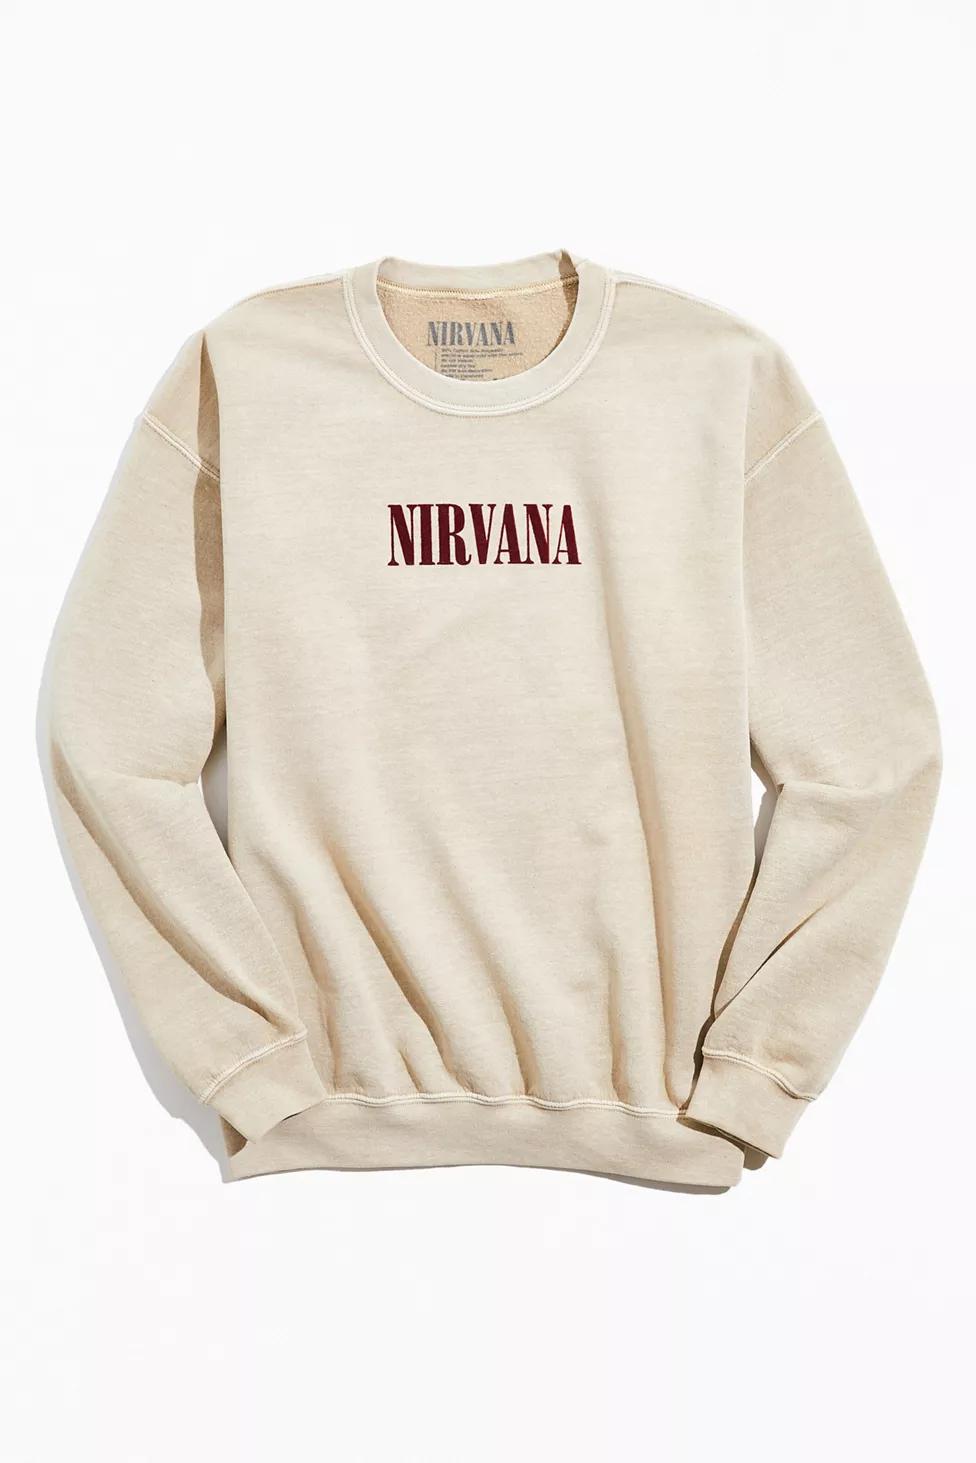 Nirvana In Utero Crew Neck Sweatshirt Urban Outfitters Sweatshirts Hoodie Outfit Men Crew Neck Sweatshirt [ 1463 x 976 Pixel ]